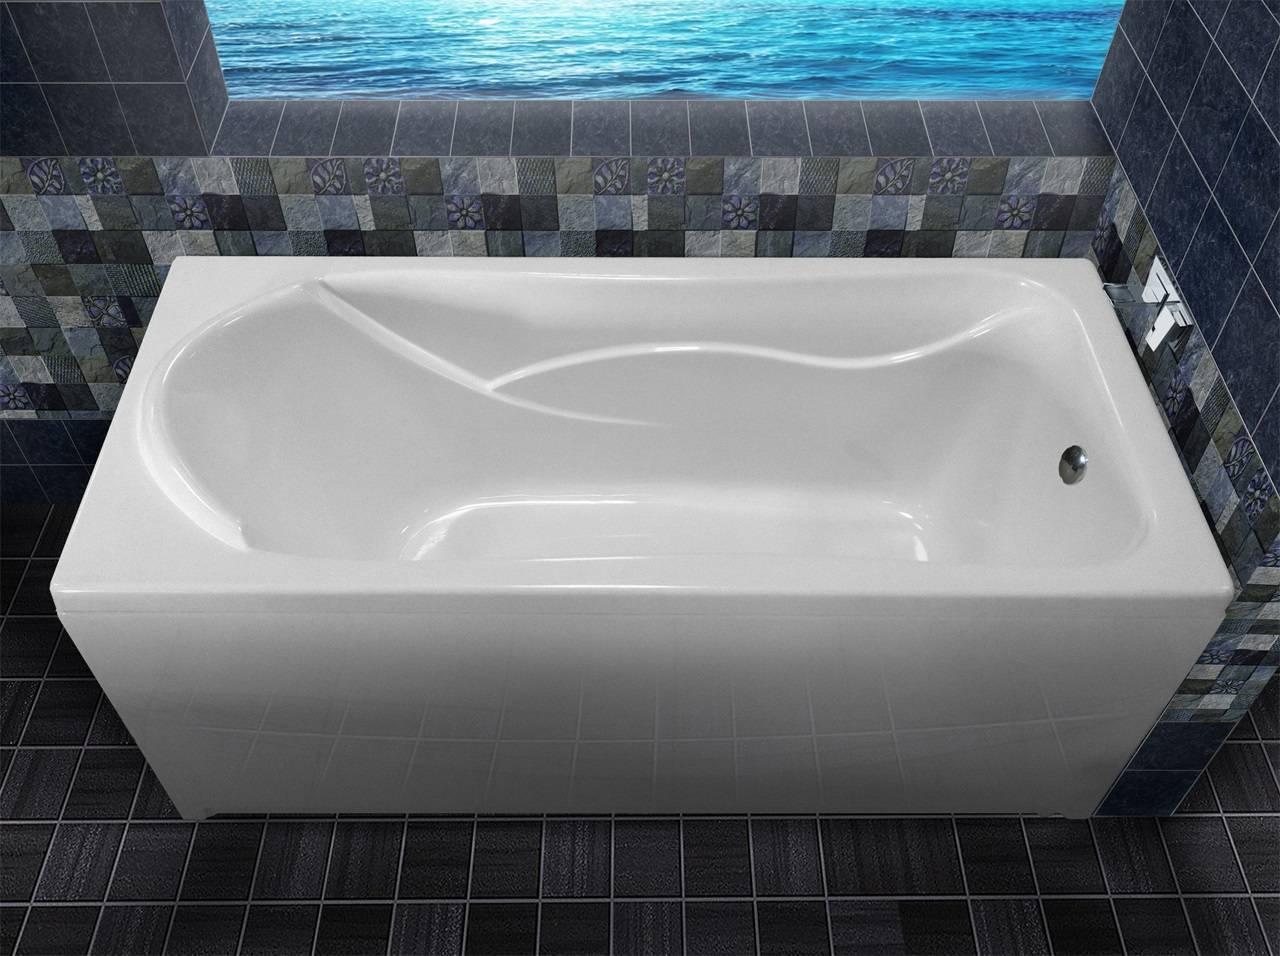 Ванны акриловые: какие лучше брать - обзор моделей и технология выбора, какую акриловую ванну лучше выбрать,как правильно выбрать, ванна акриловая,виды, состав,толщина какая должна быть.